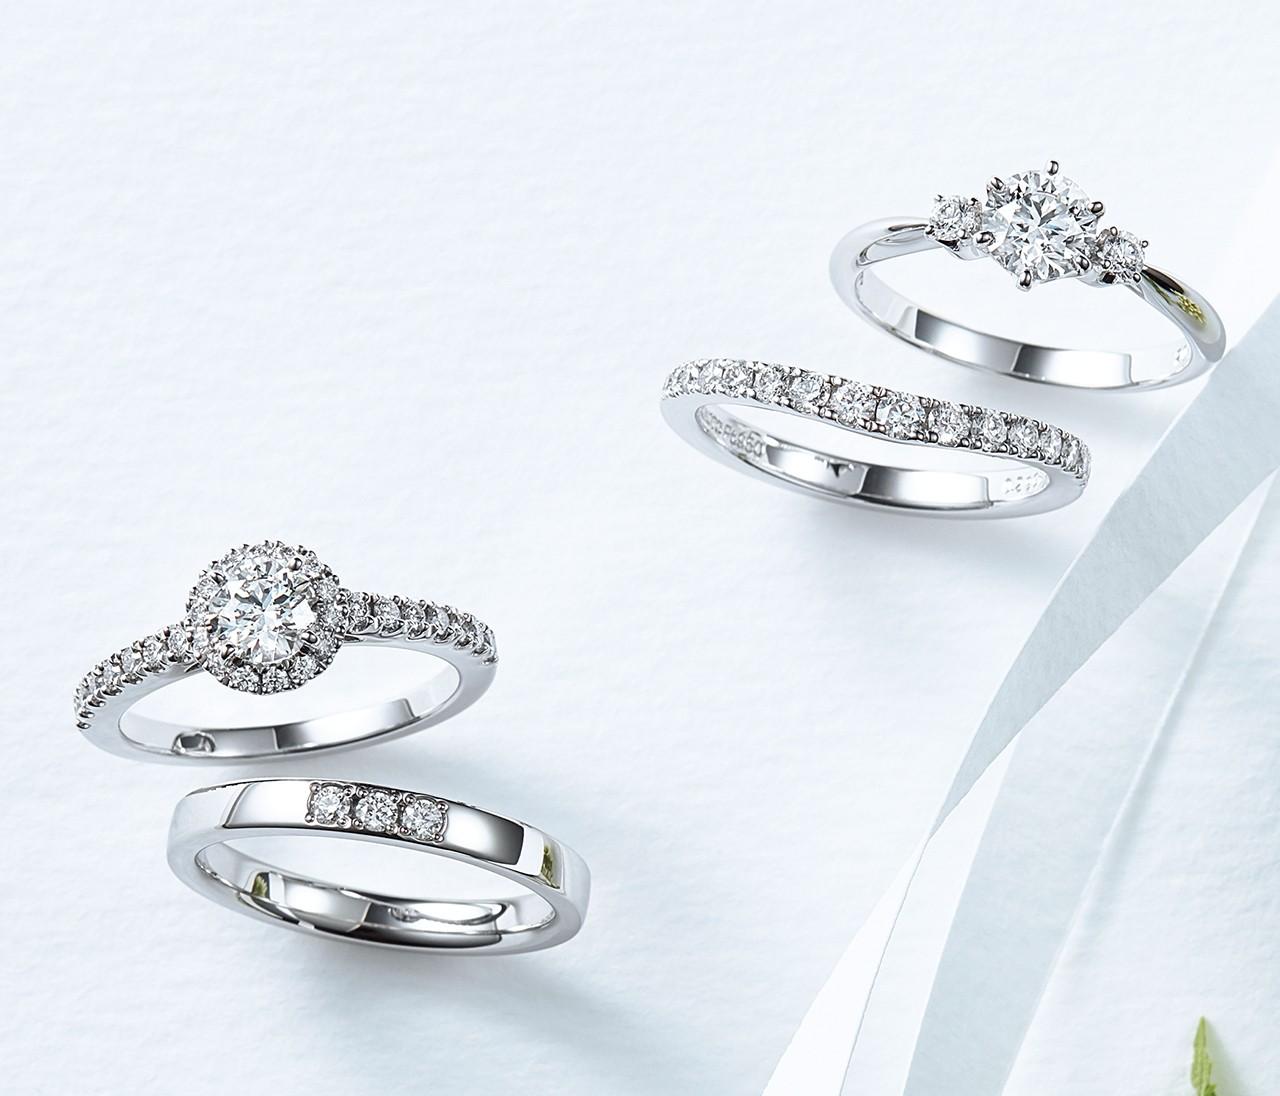 【ミキモトのエンゲージ&マリッジリング】エレガントな輝きを放つ信頼ブランドのリング